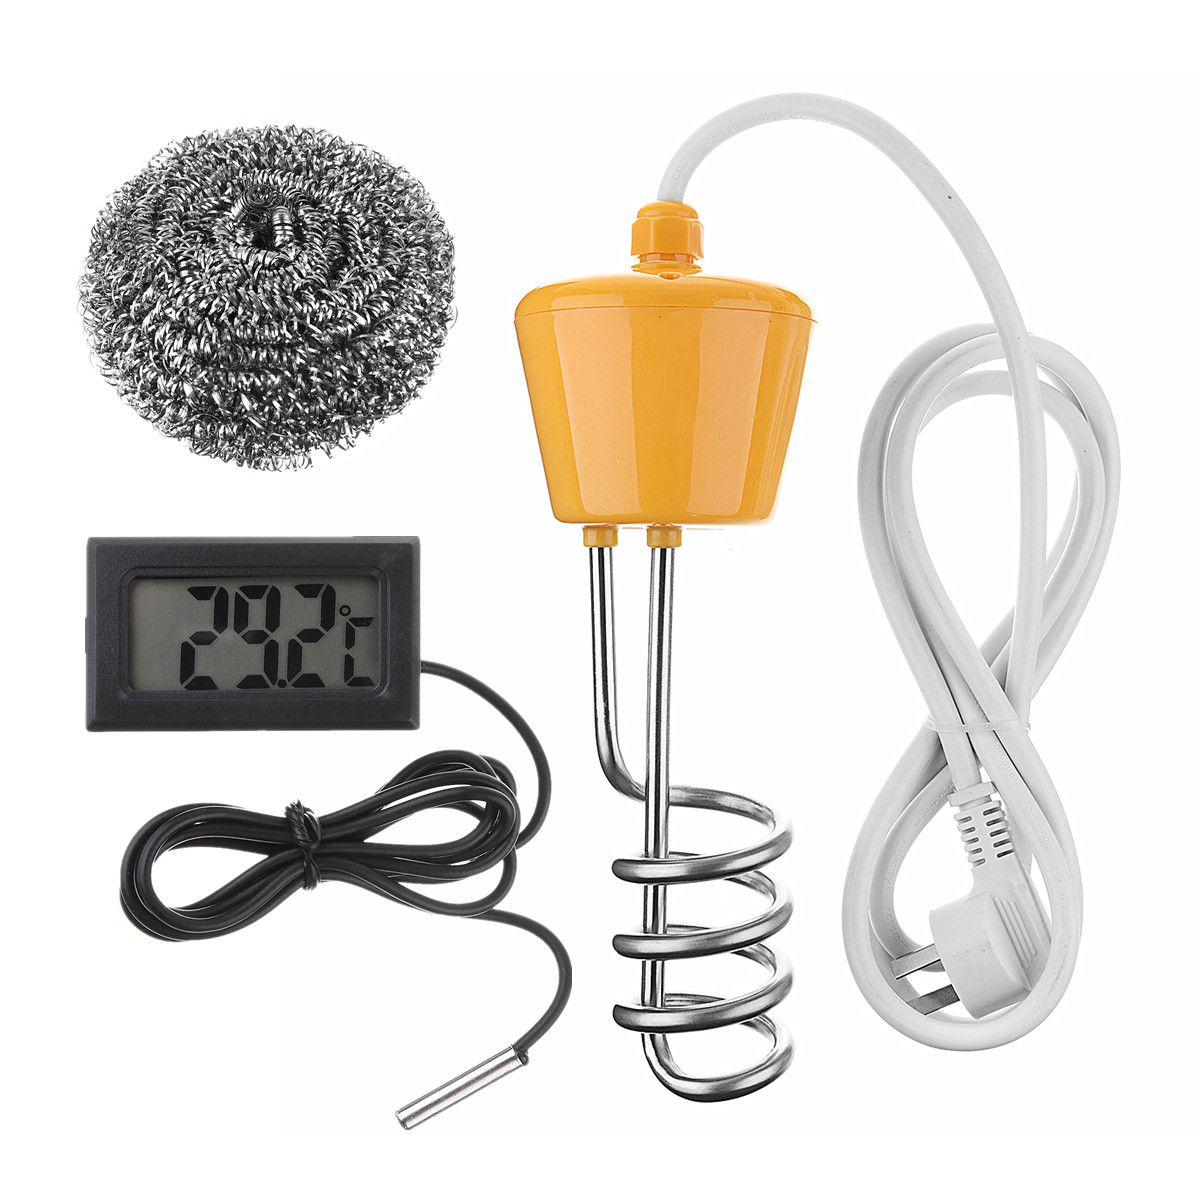 Élément de chauffage portatif de l'eau de chaudière de chauffage électrique de flottement de 2500W 220-250V salle de bains de Suspension d'immersion avec le thermomètre